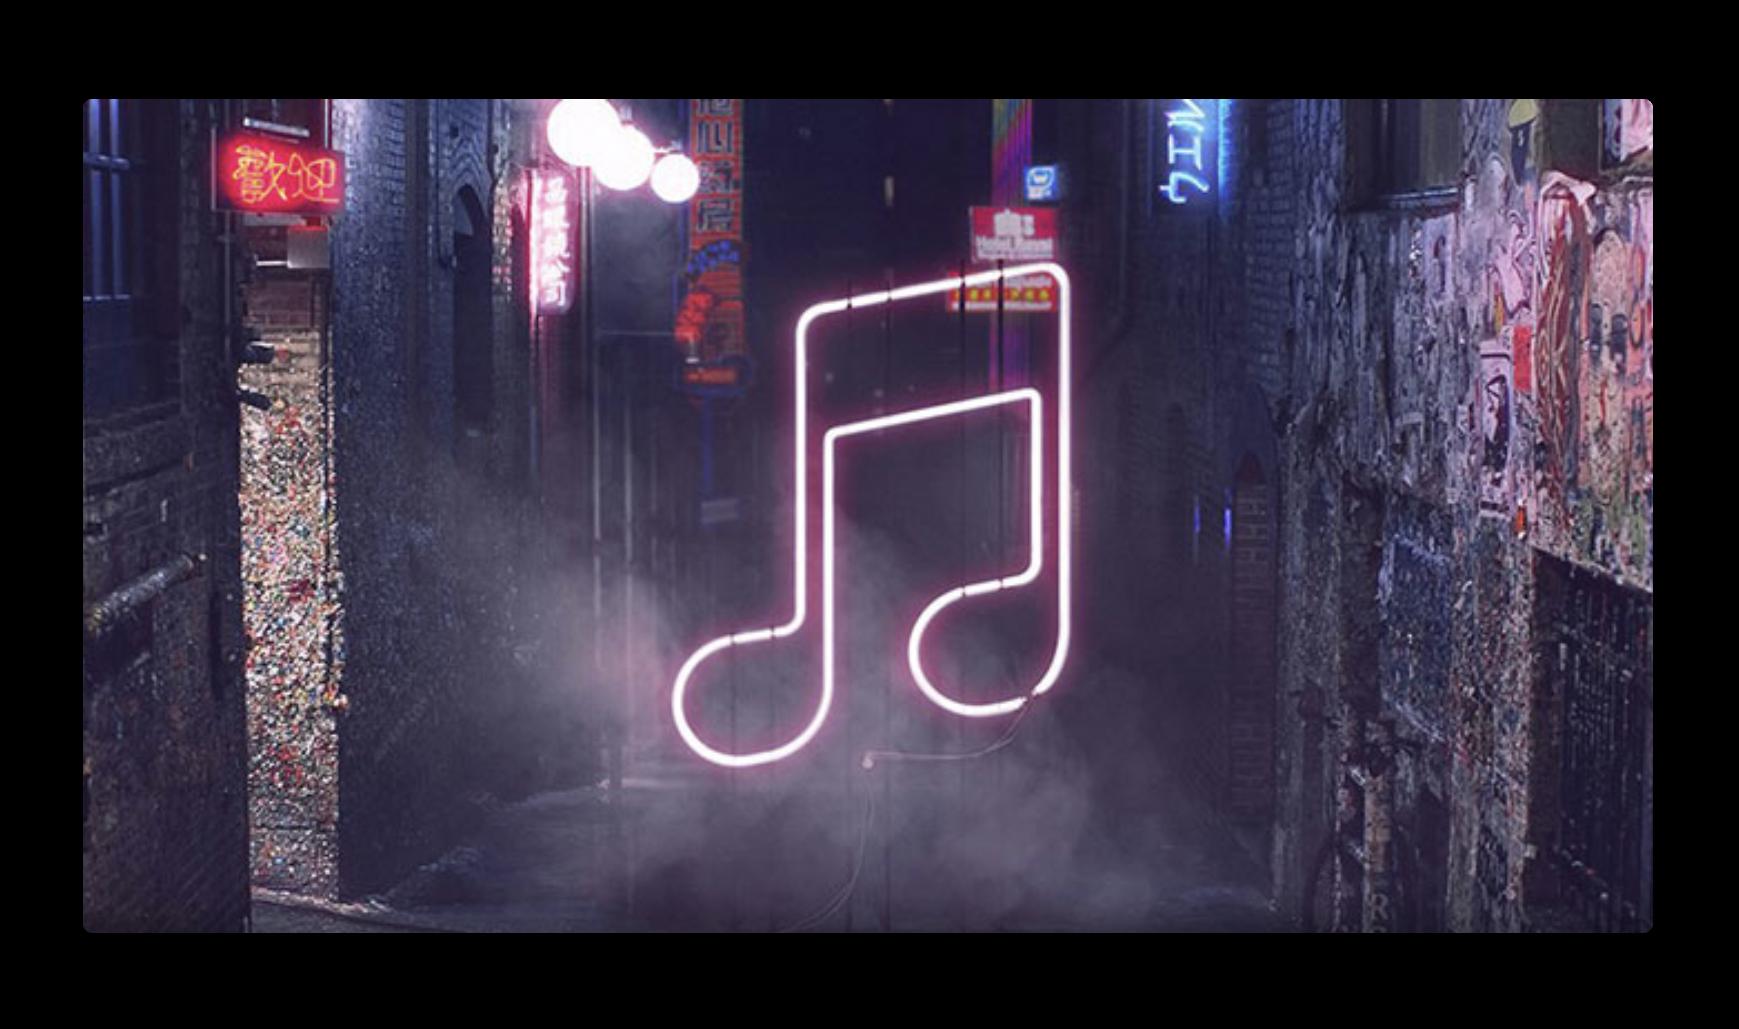 新しいWebプレーヤーでは、WebブラウザでApple Musicをフルトラック聴くことができる